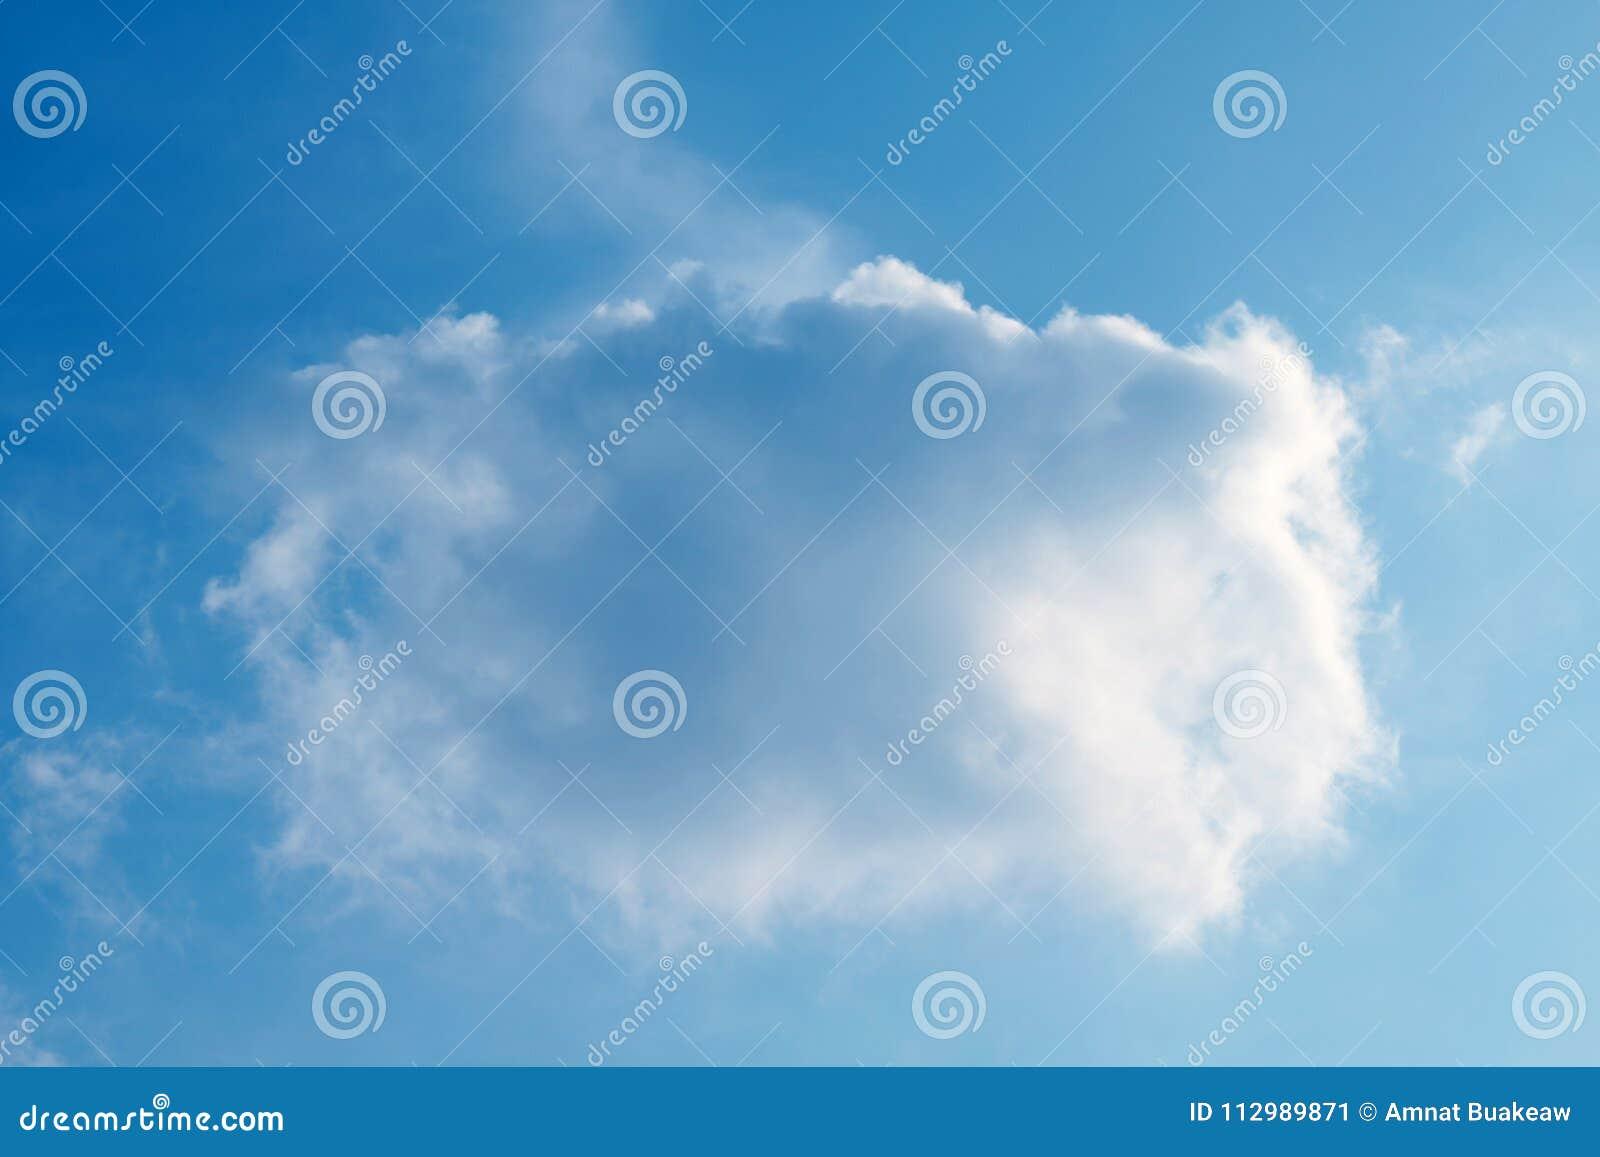 Sky, Big cloud sky, beautiful clouds sky on background